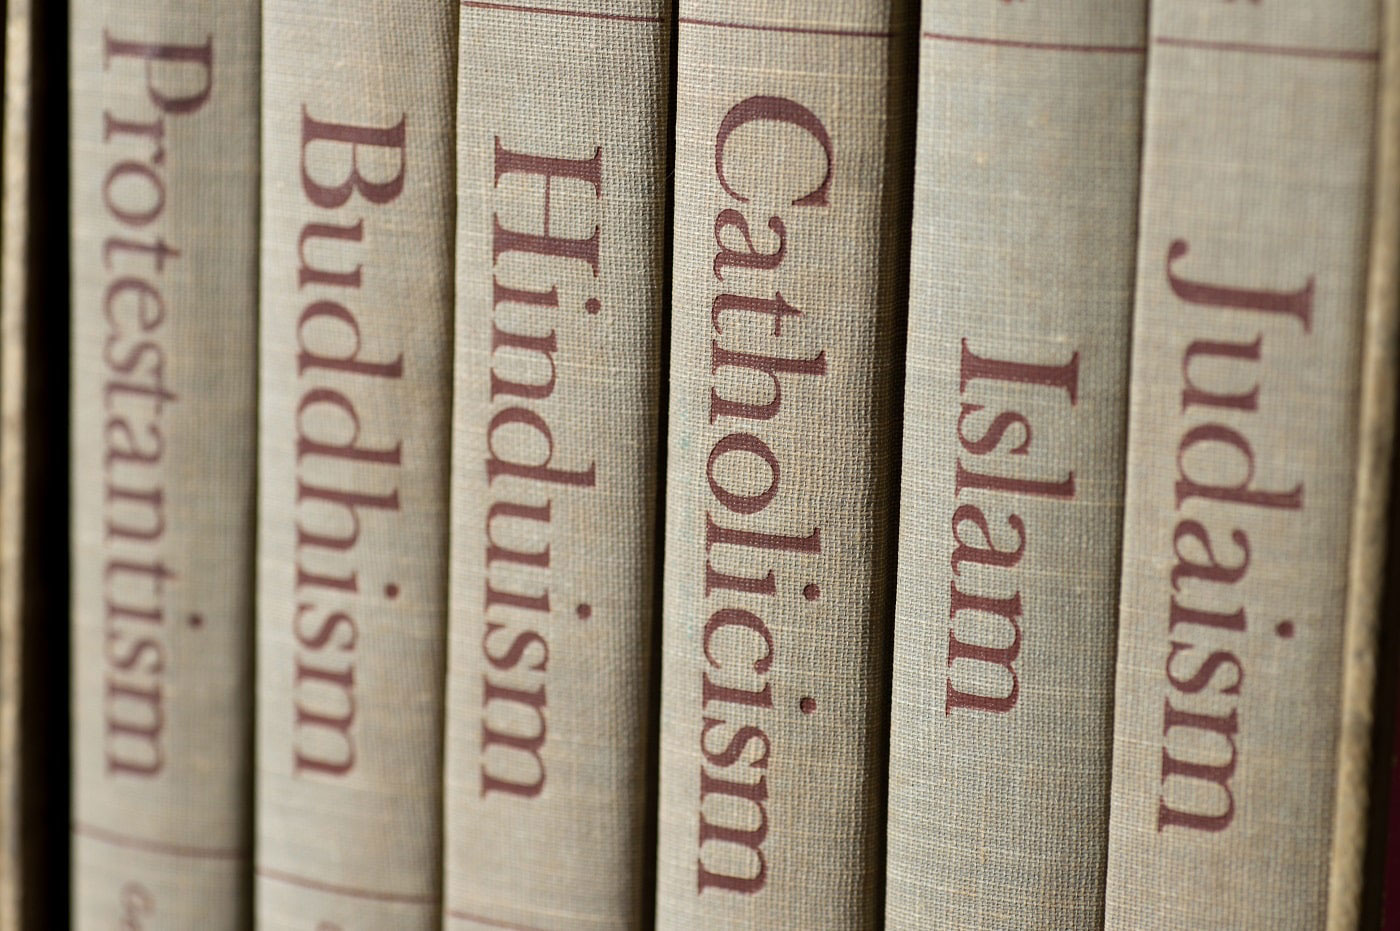 Buchrücken mit Weltreligionen